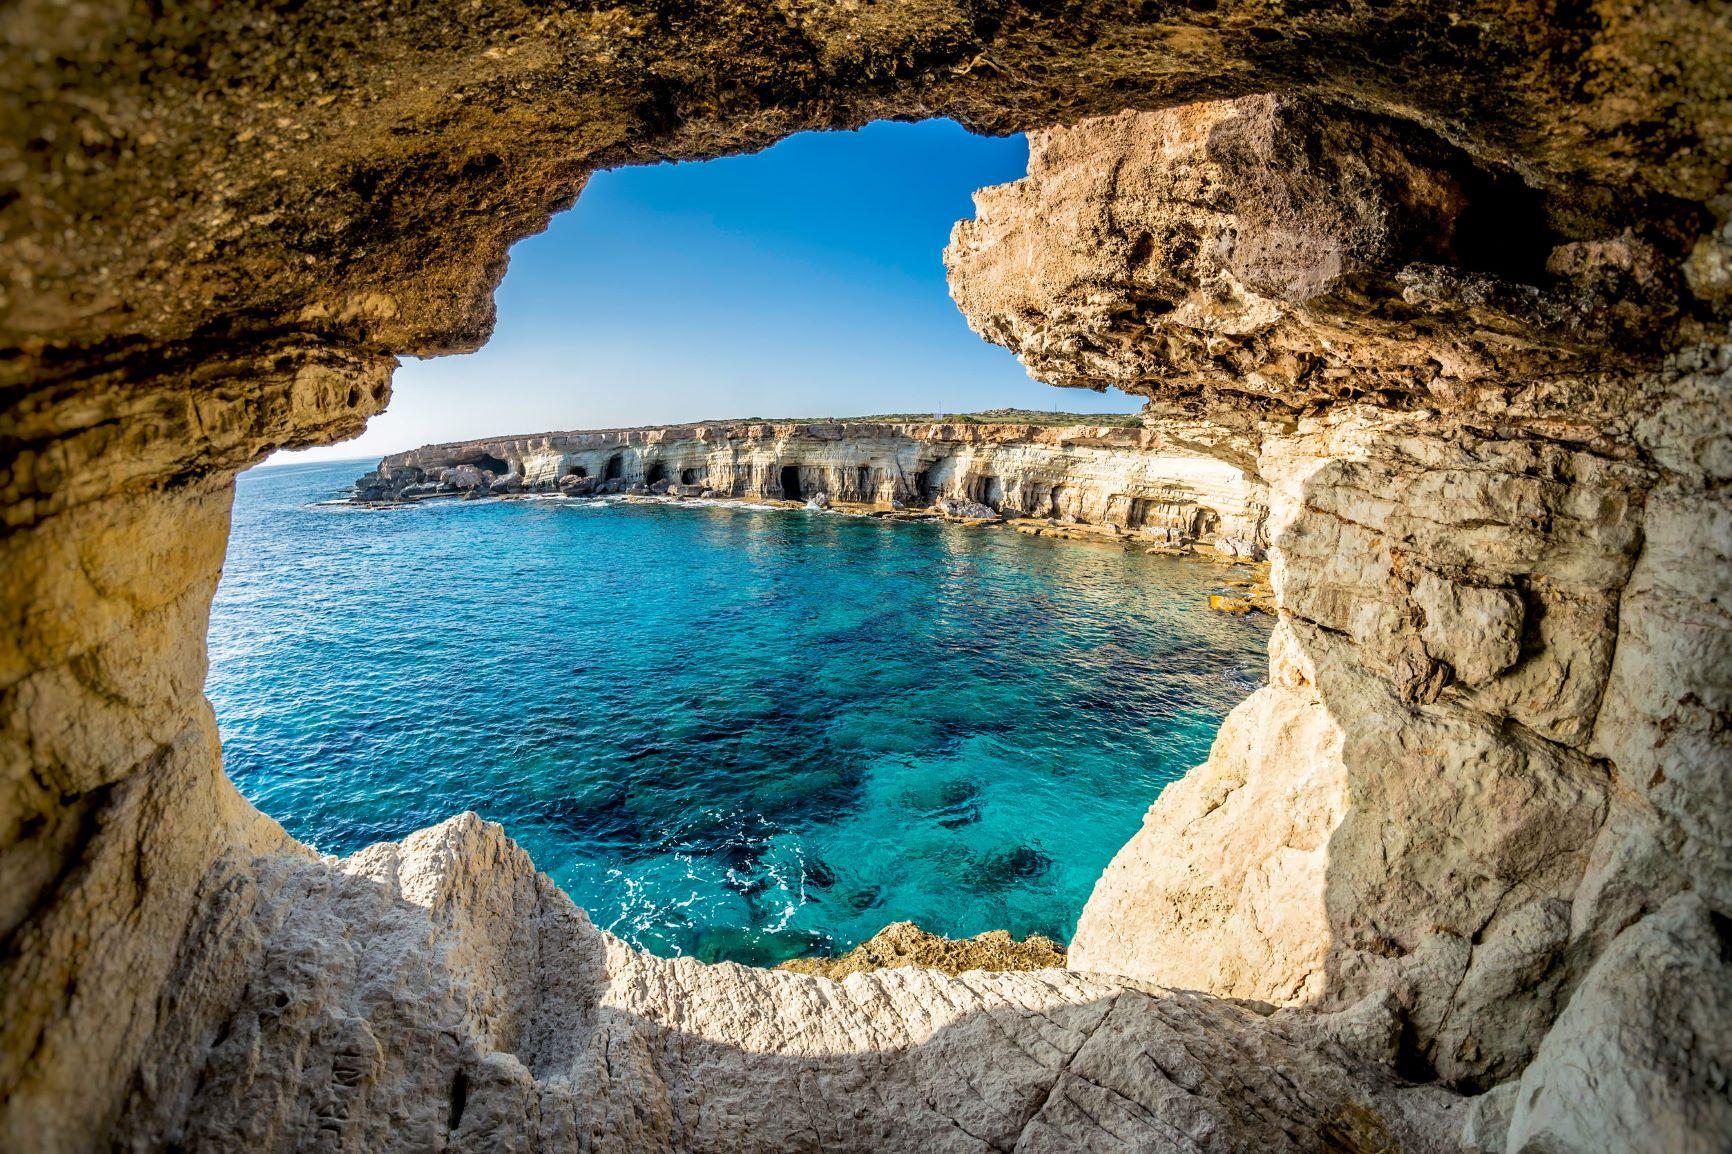 O saptamana de vara in Larnaca, Cipru, 135 euro (zbor si cazare)